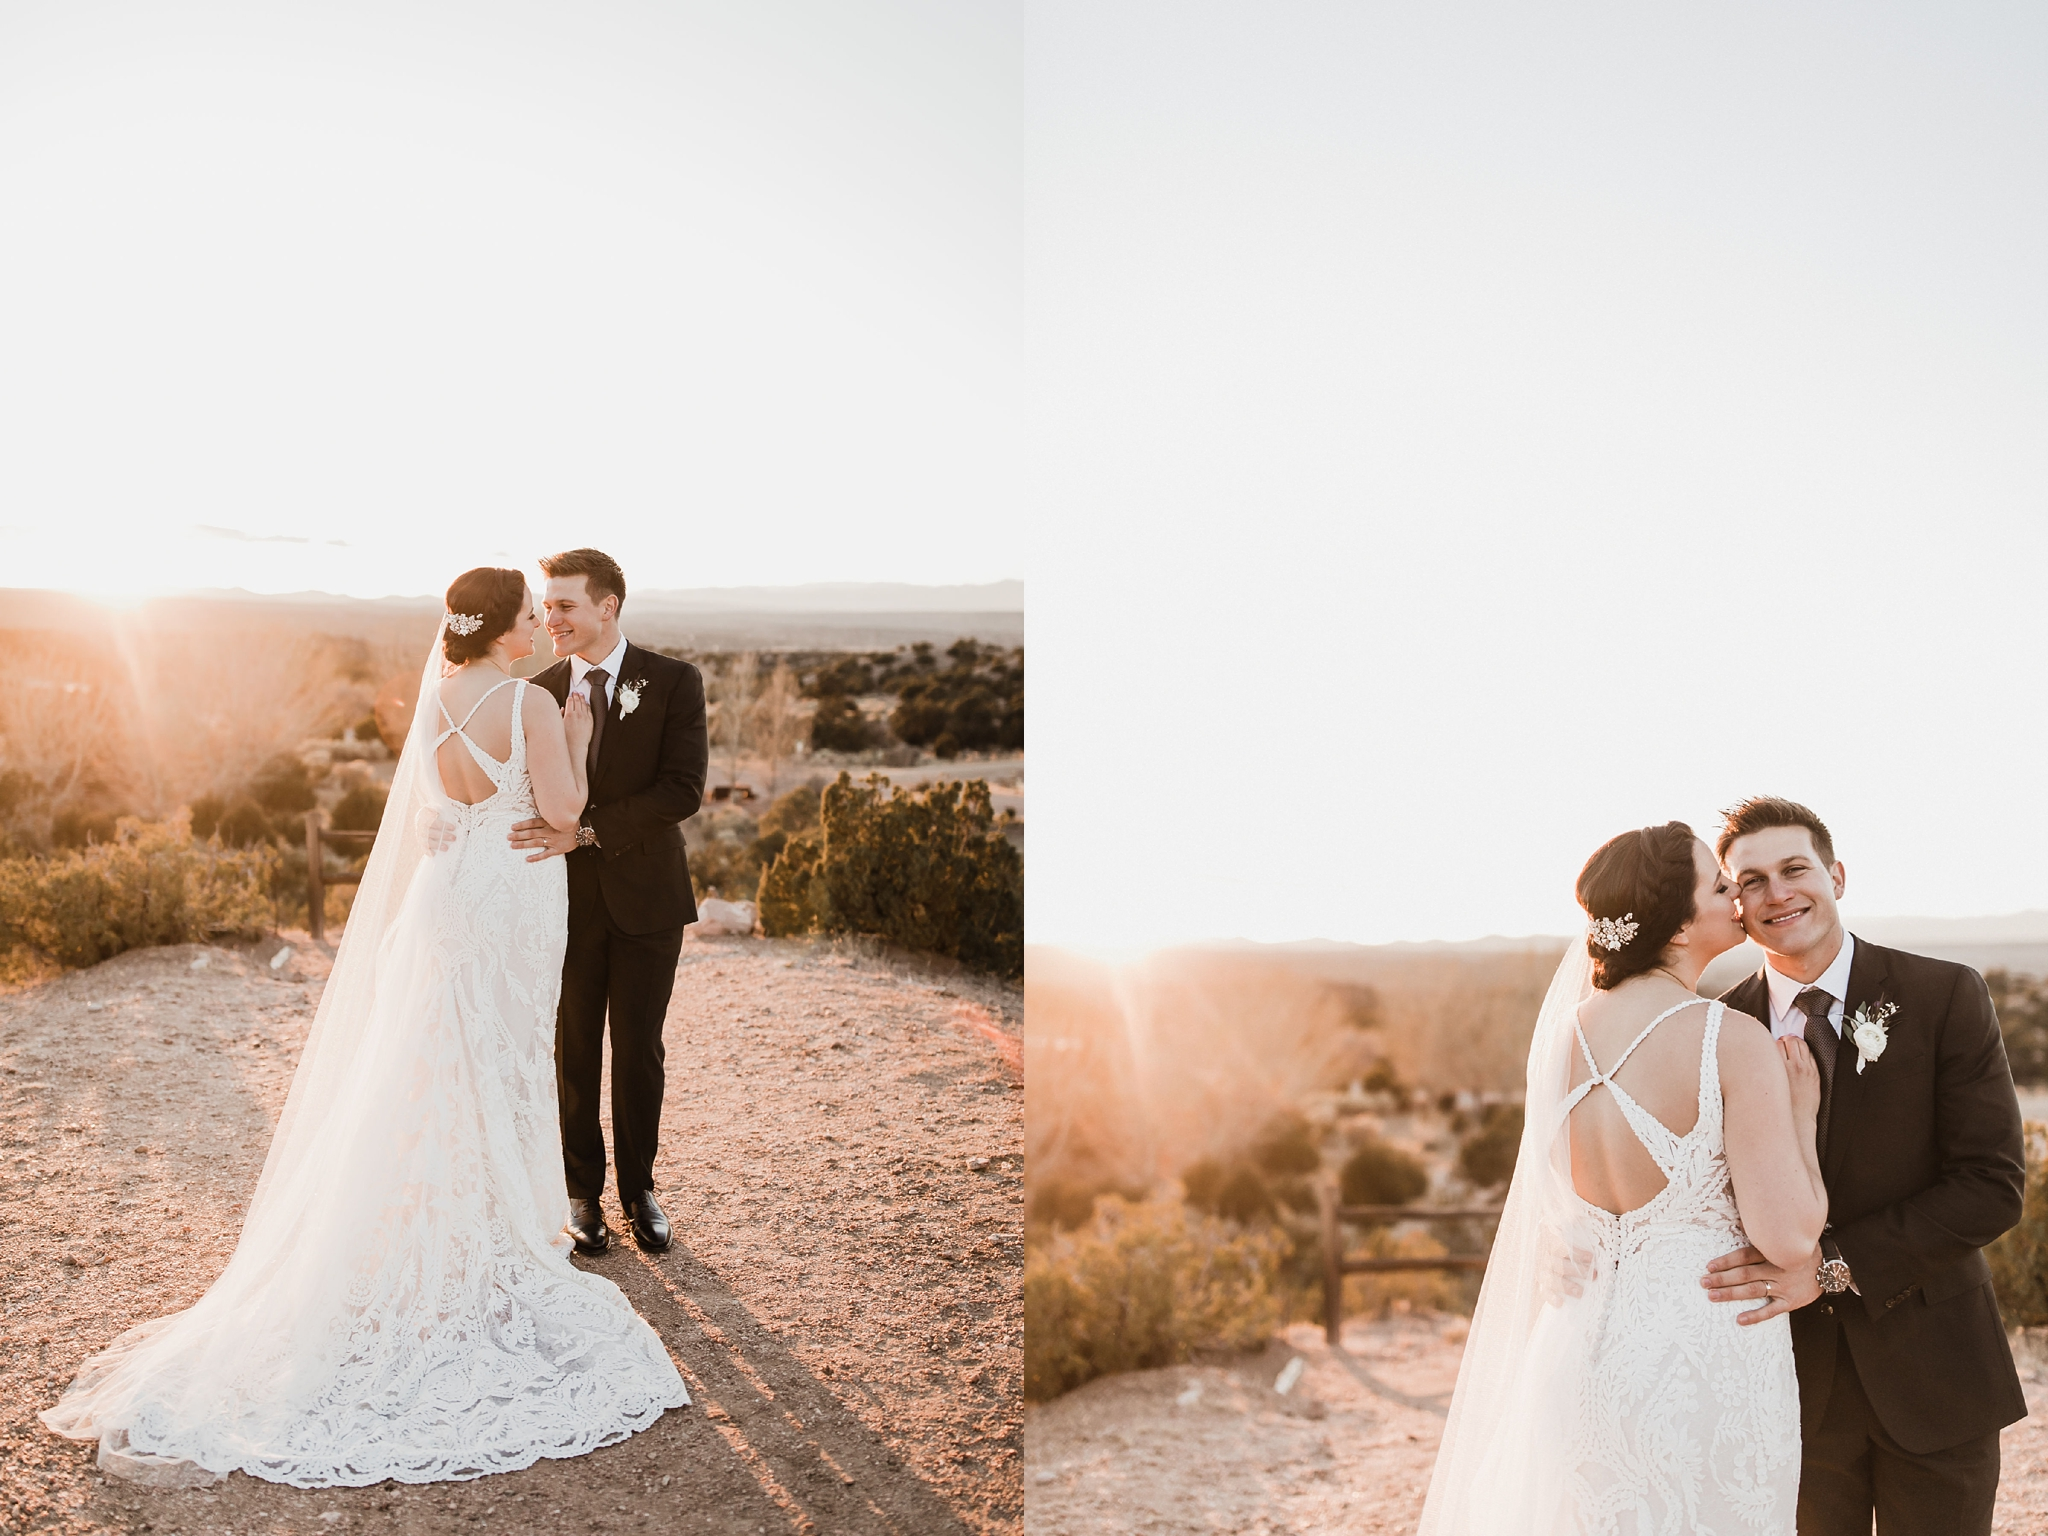 Alicia+lucia+photography+-+albuquerque+wedding+photographer+-+santa+fe+wedding+photography+-+new+mexico+wedding+photographer+-+new+mexico+wedding+-+santa+fe+wedding+-+four+seasons+wedding+-+winter+wedding_0094.jpg